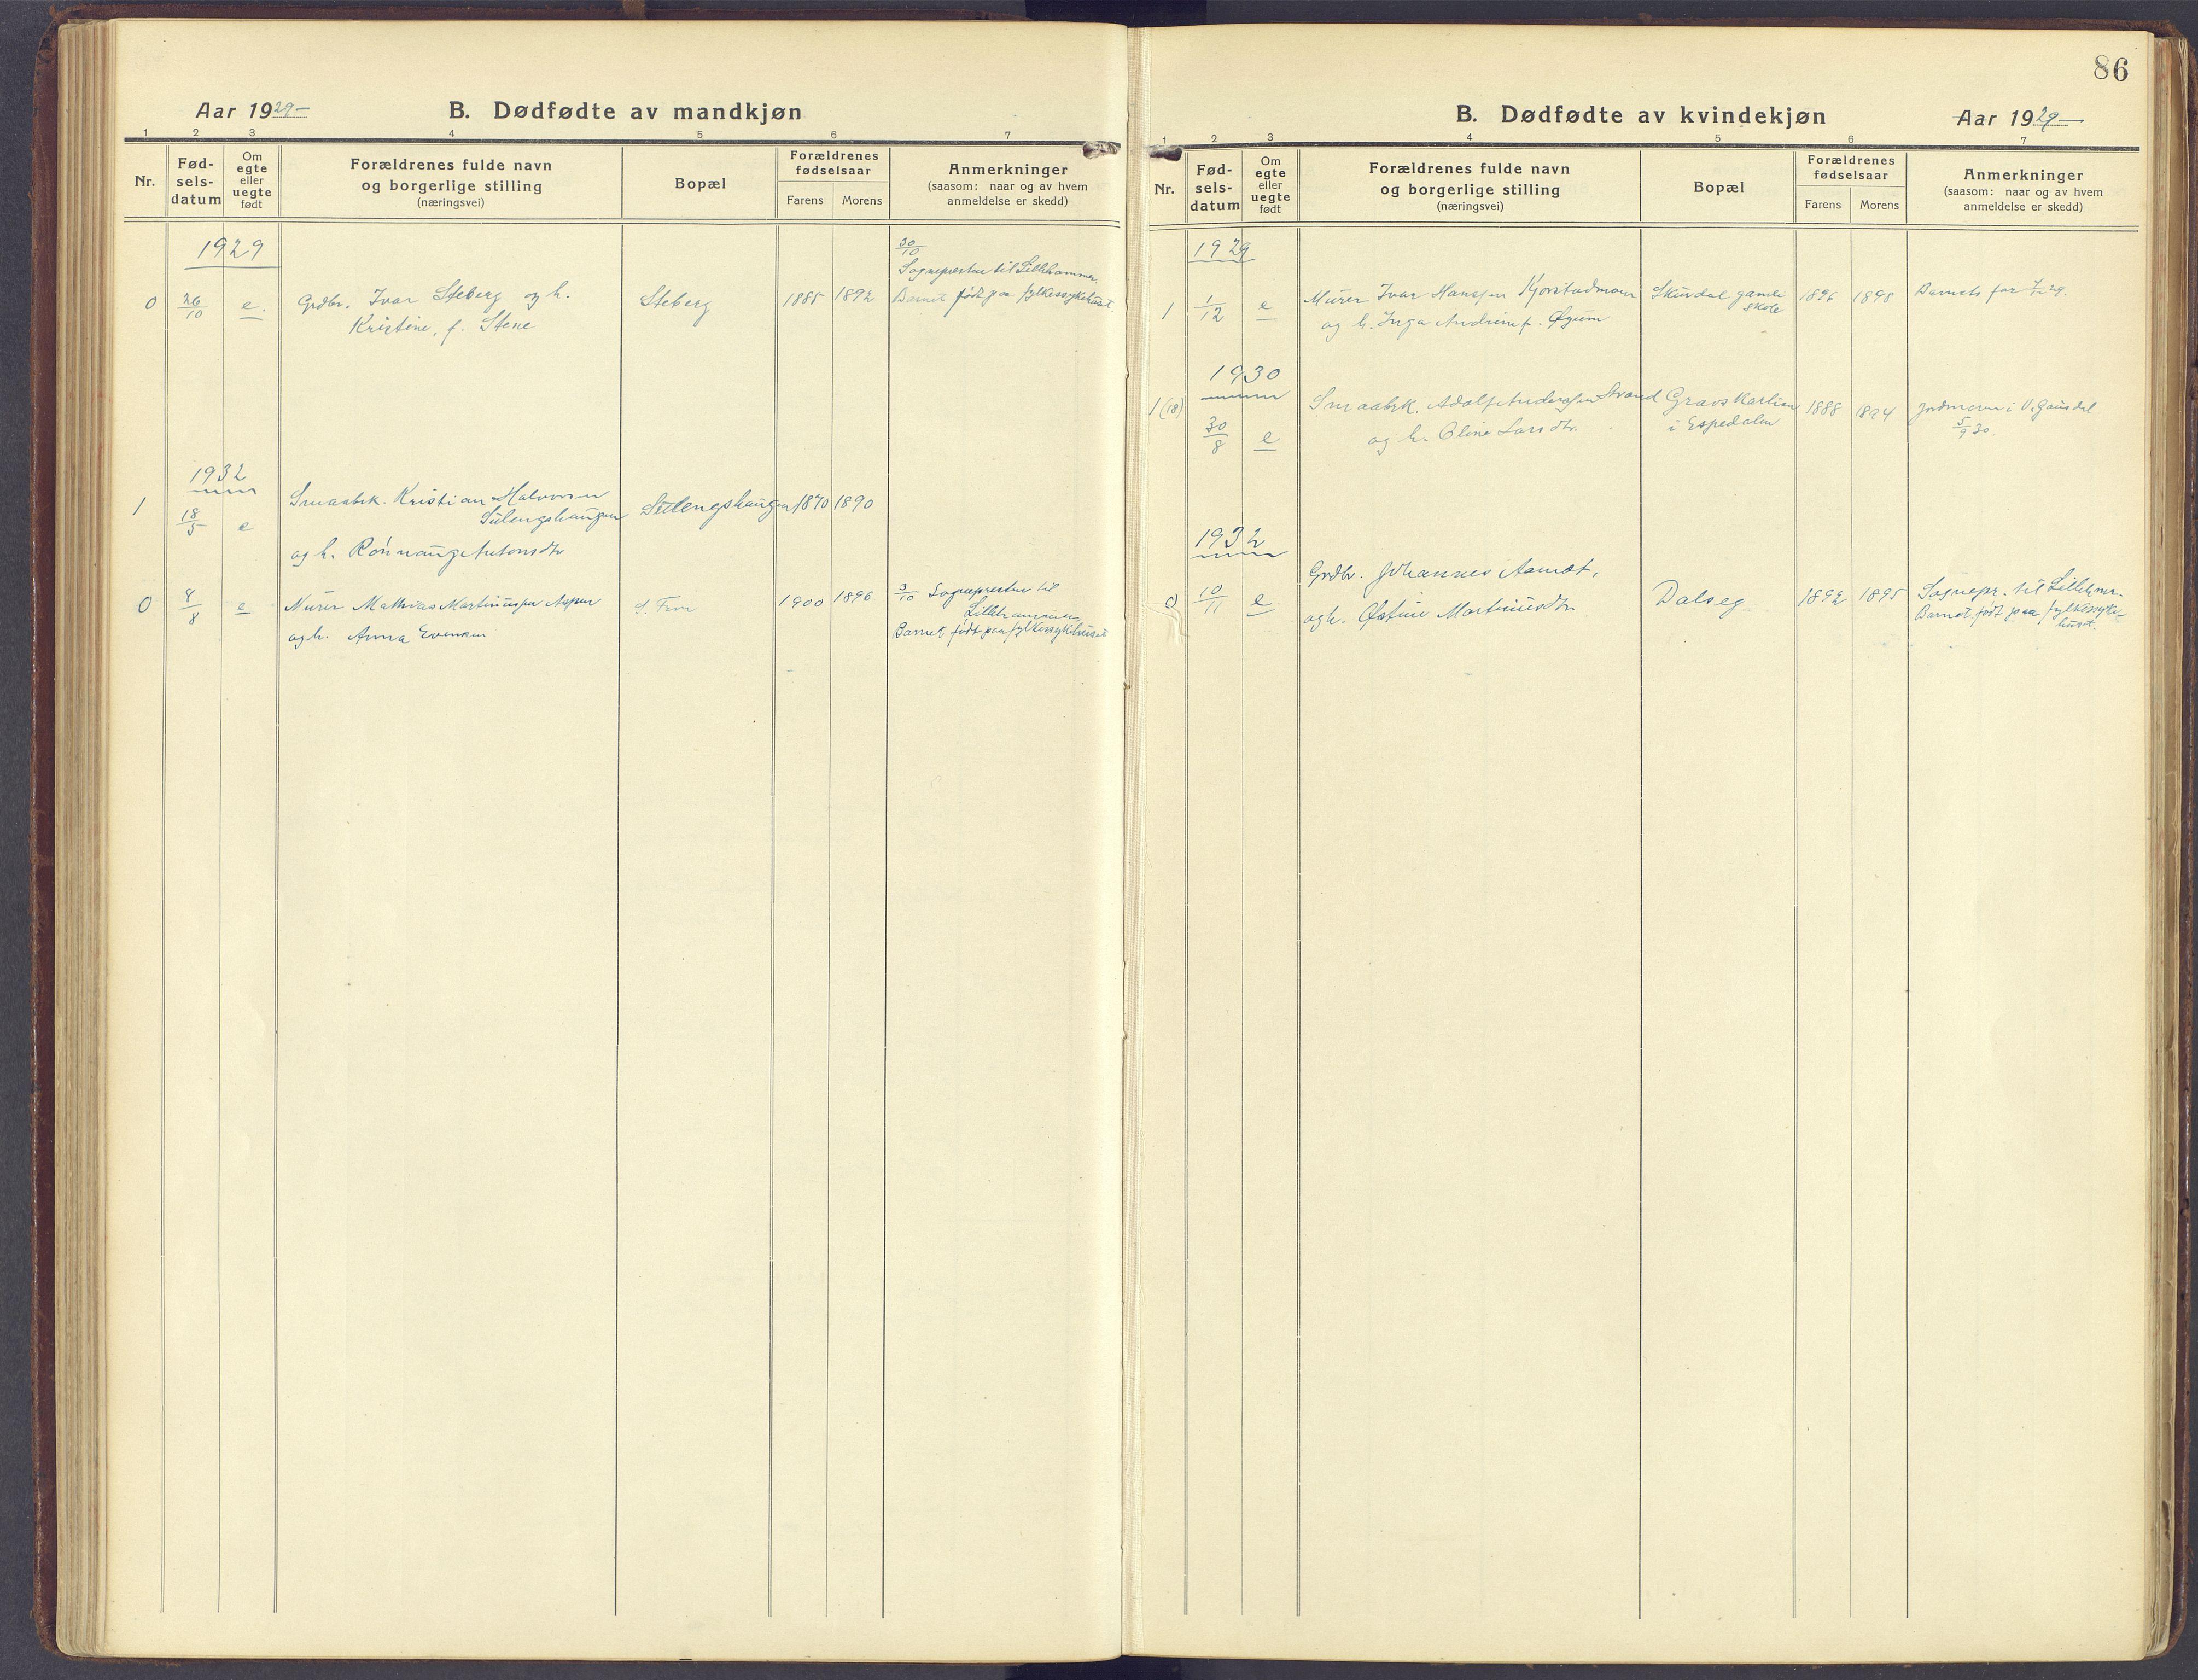 SAH, Sør-Fron prestekontor, H/Ha/Haa/L0005: Parish register (official) no. 5, 1920-1933, p. 86